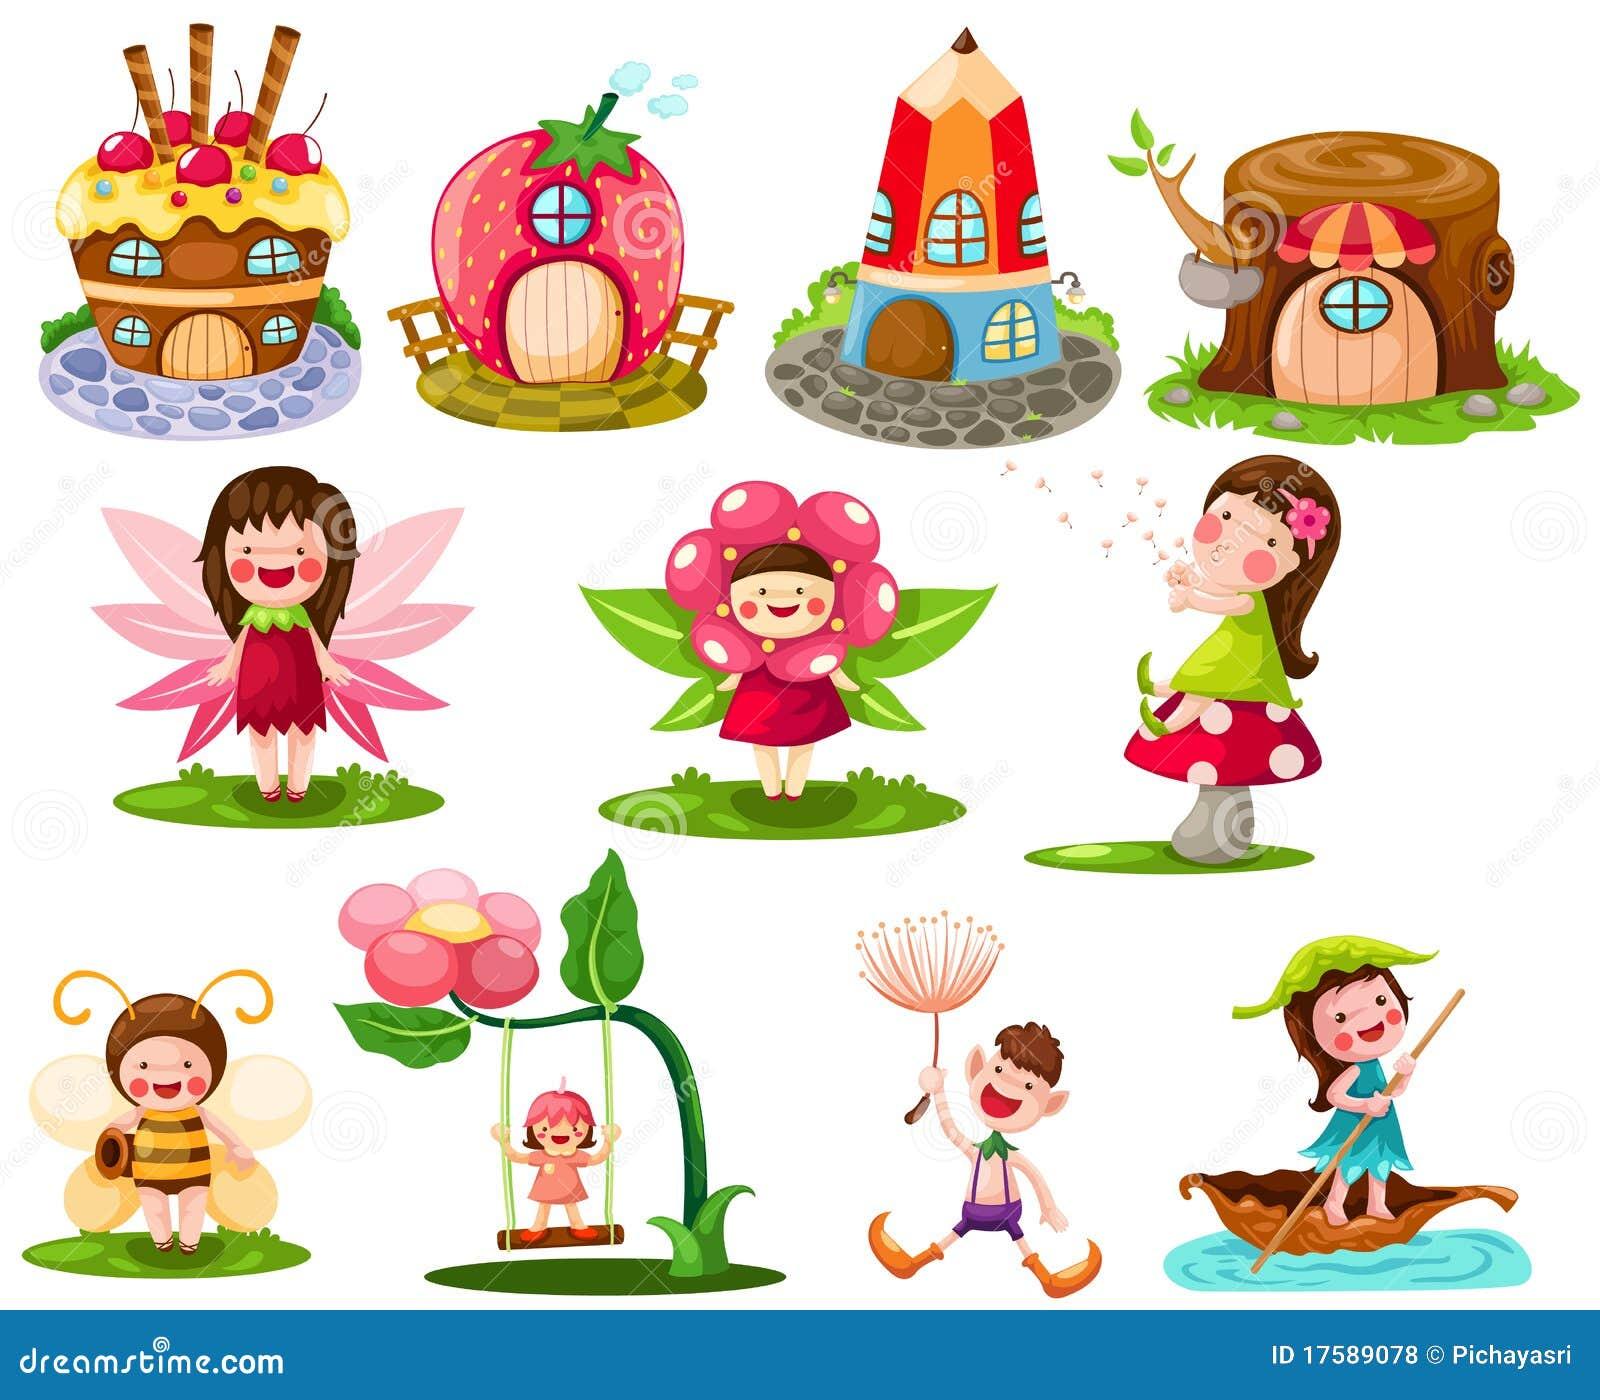 Fairytale Settings: Fairy Tale Set Royalty Free Stock Photos